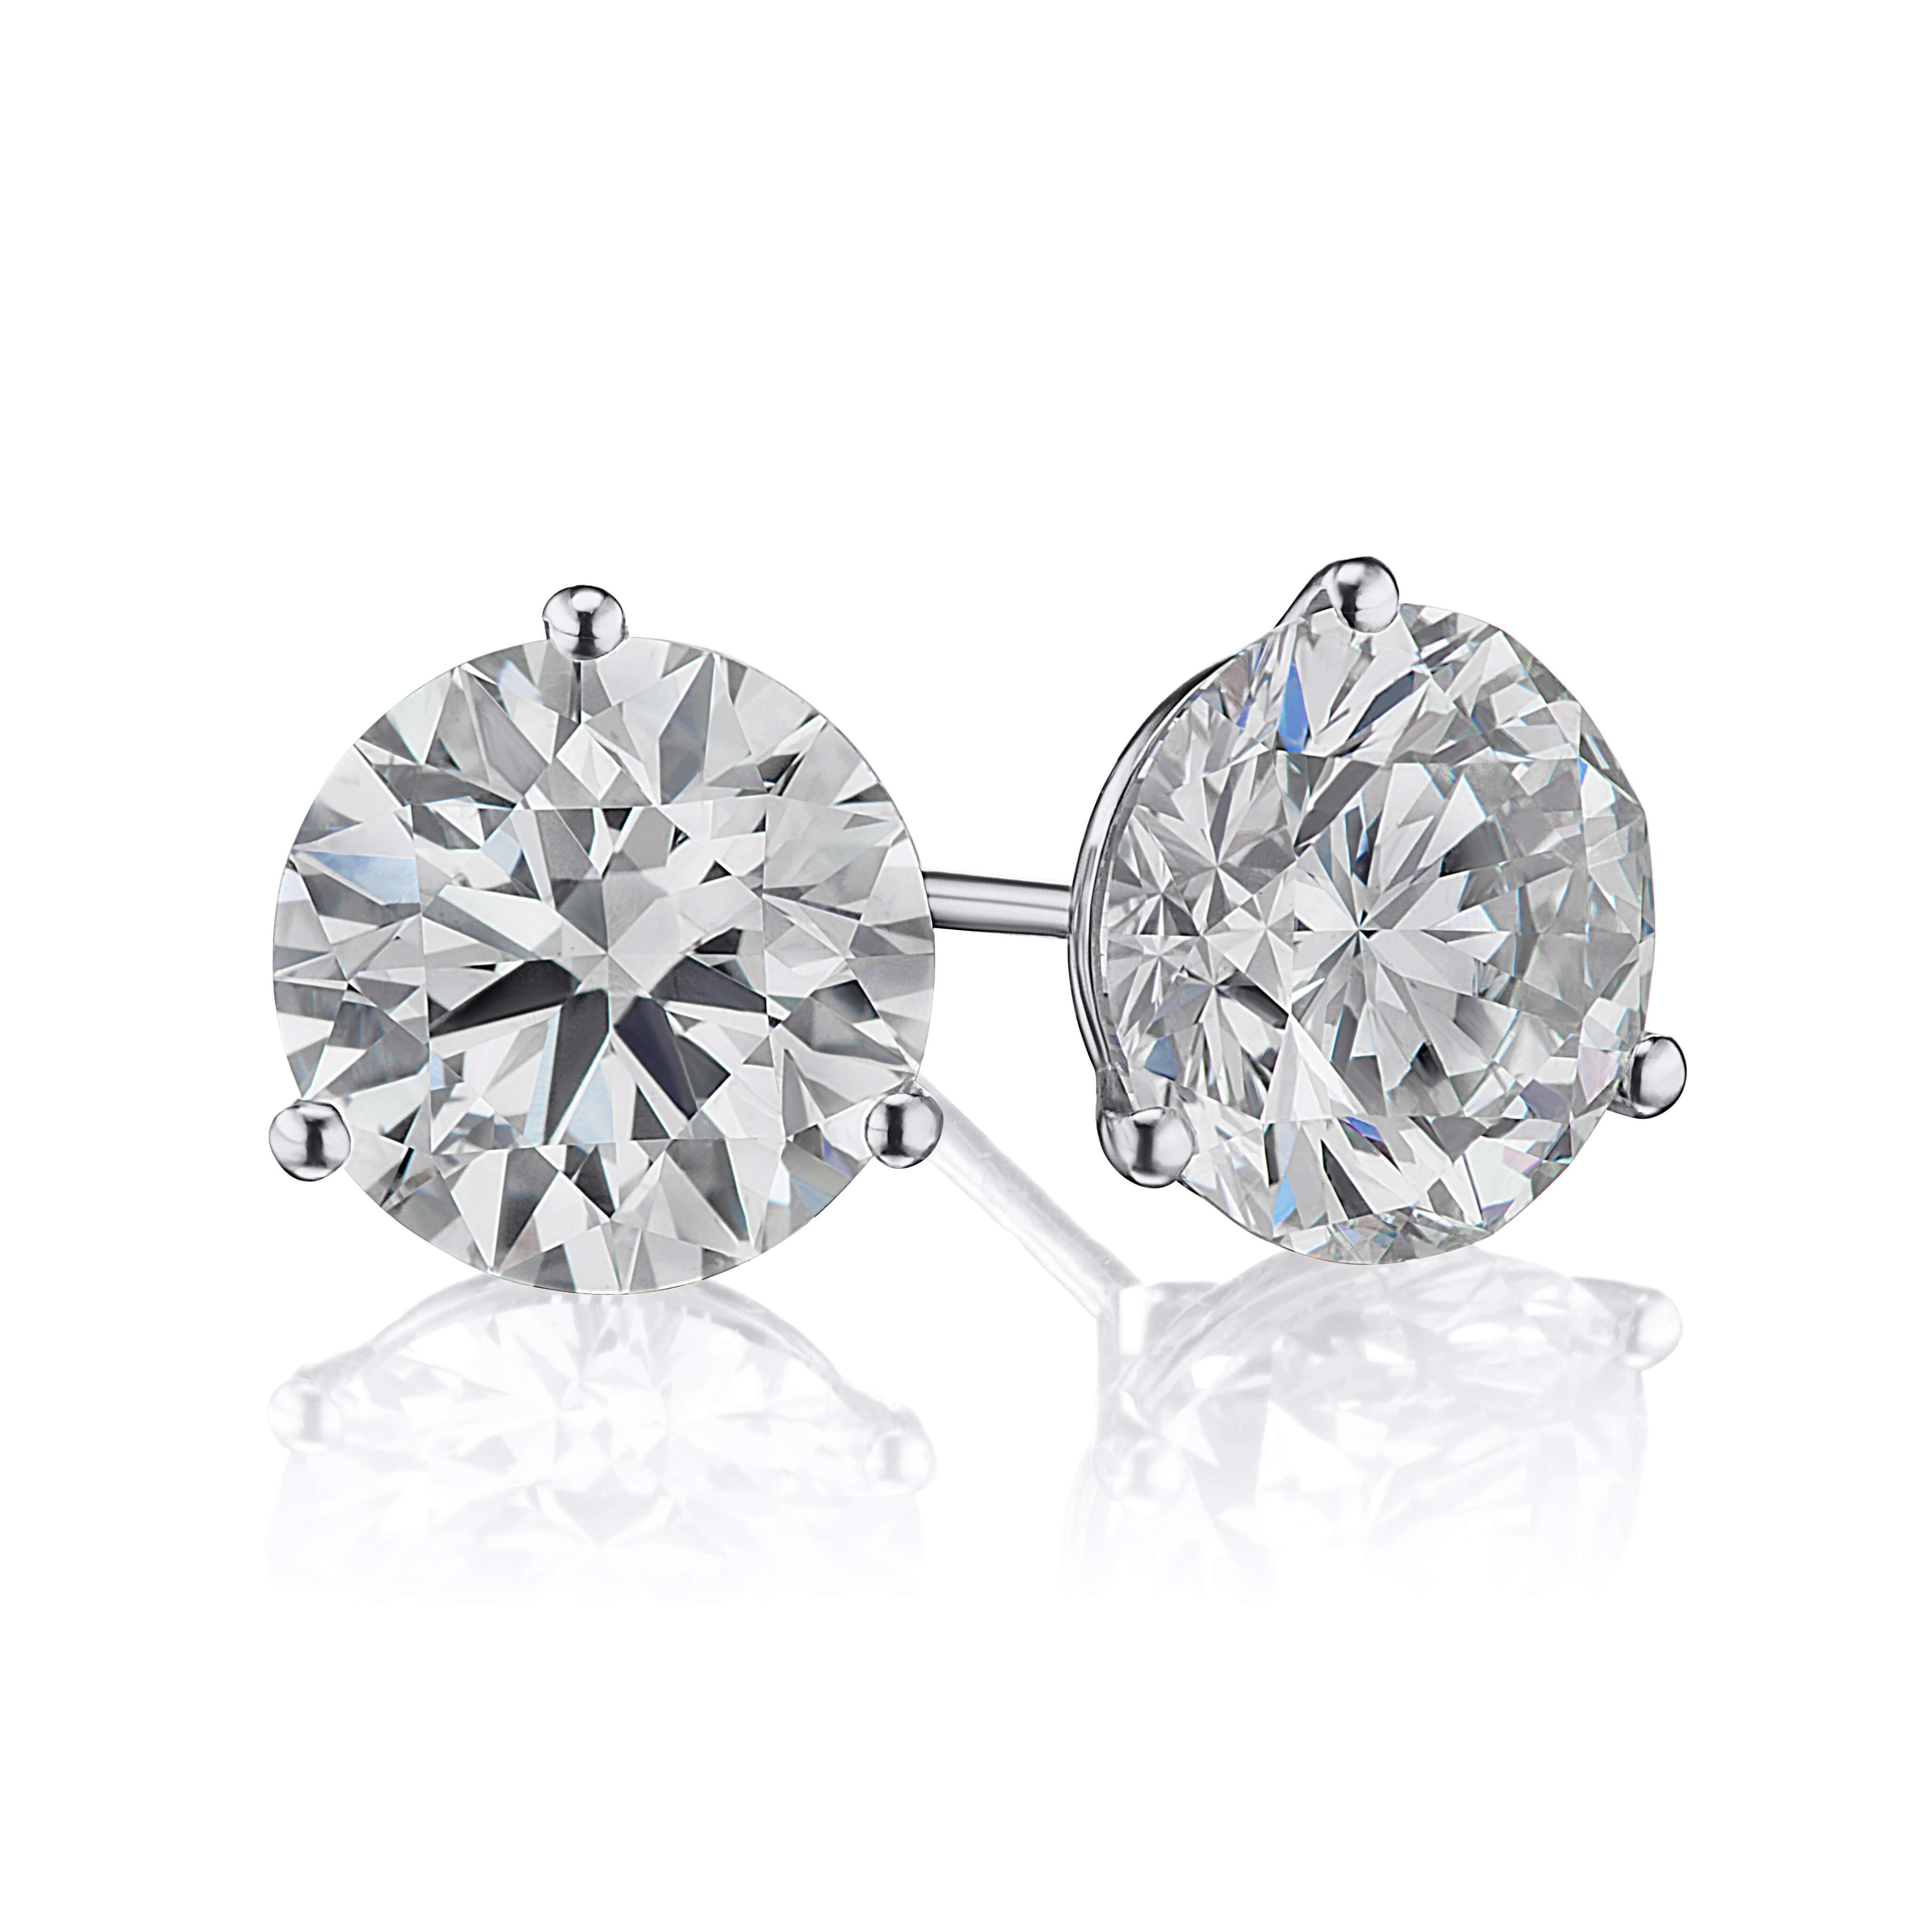 4.02ct. Diamond Stud Earrings